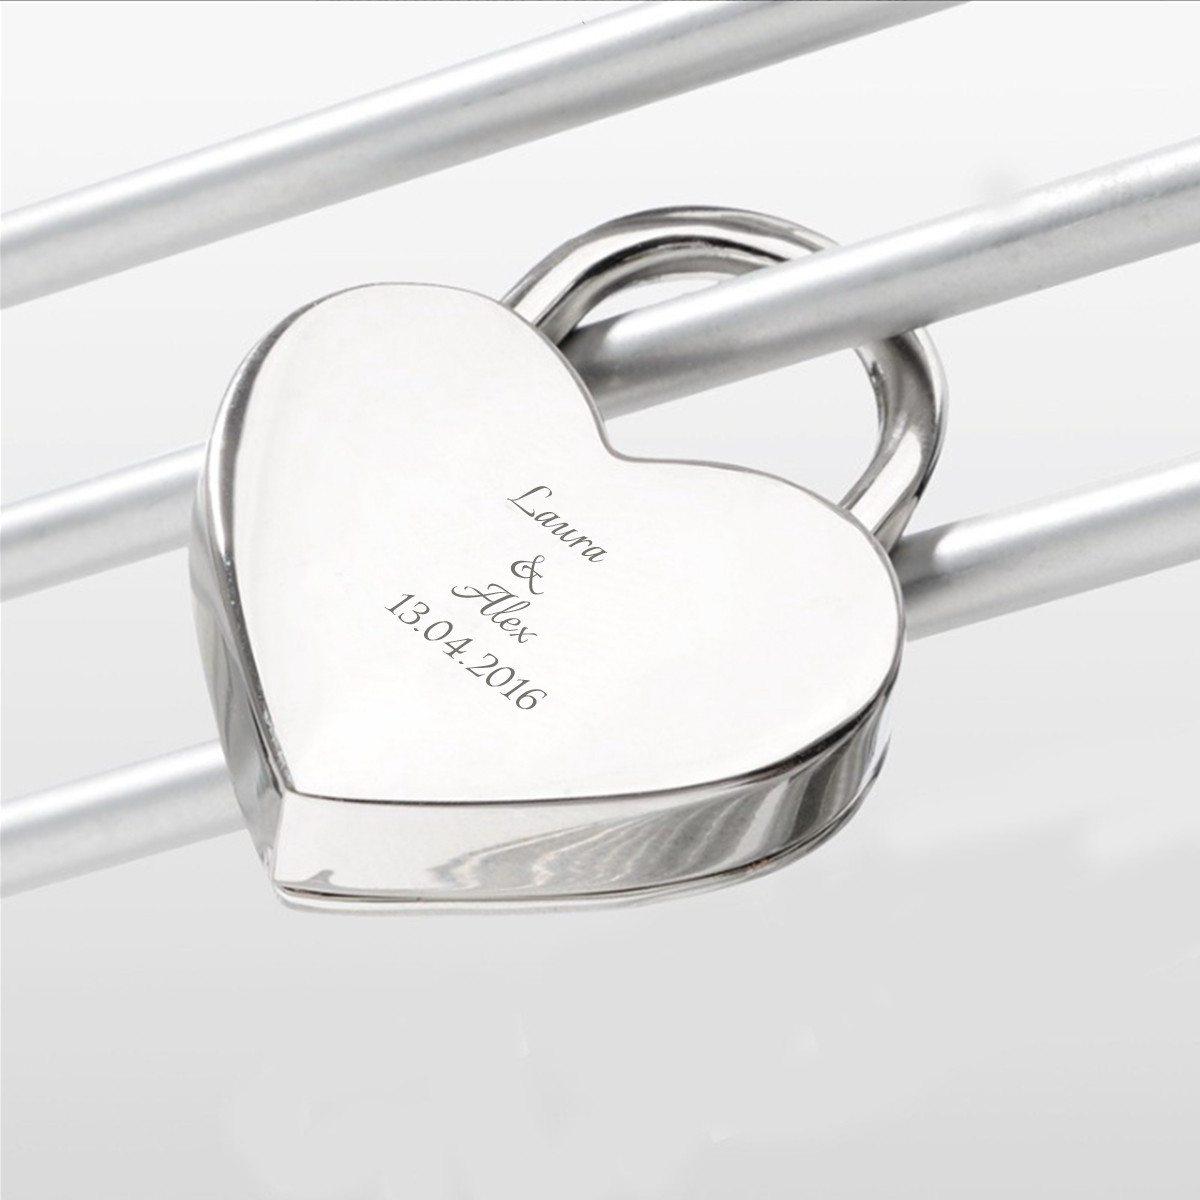 Romantisches Liebesschloss mit Geschenkverpackung